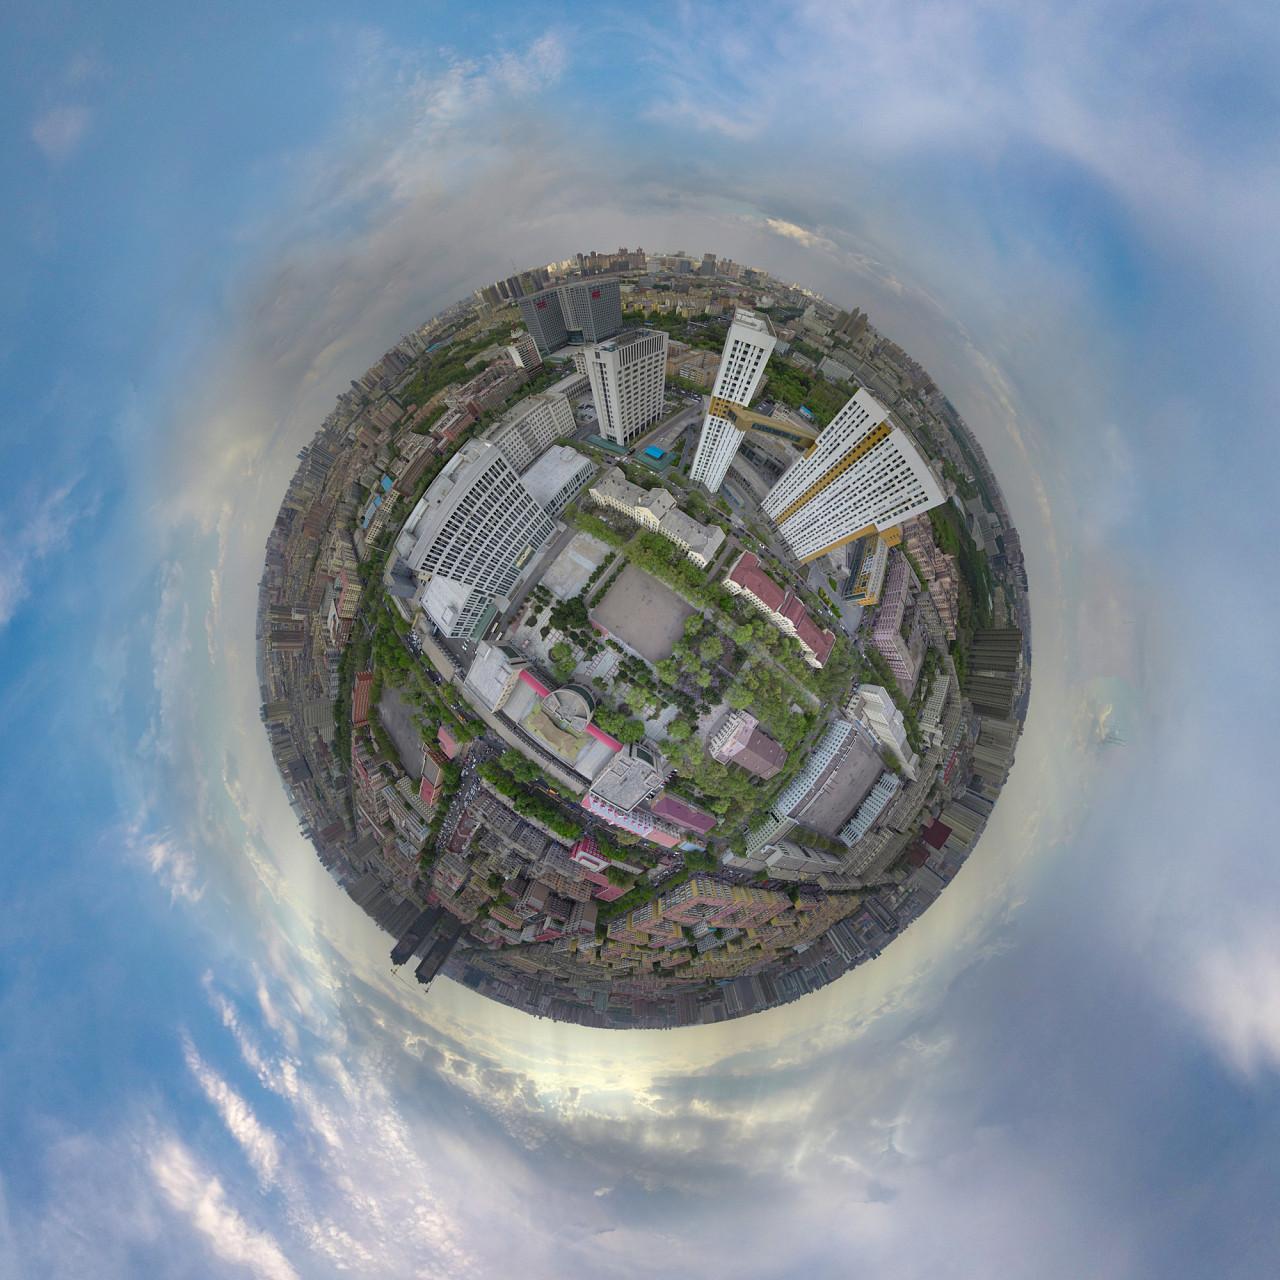 哈尔滨师范大学 航拍 小行星合集图片